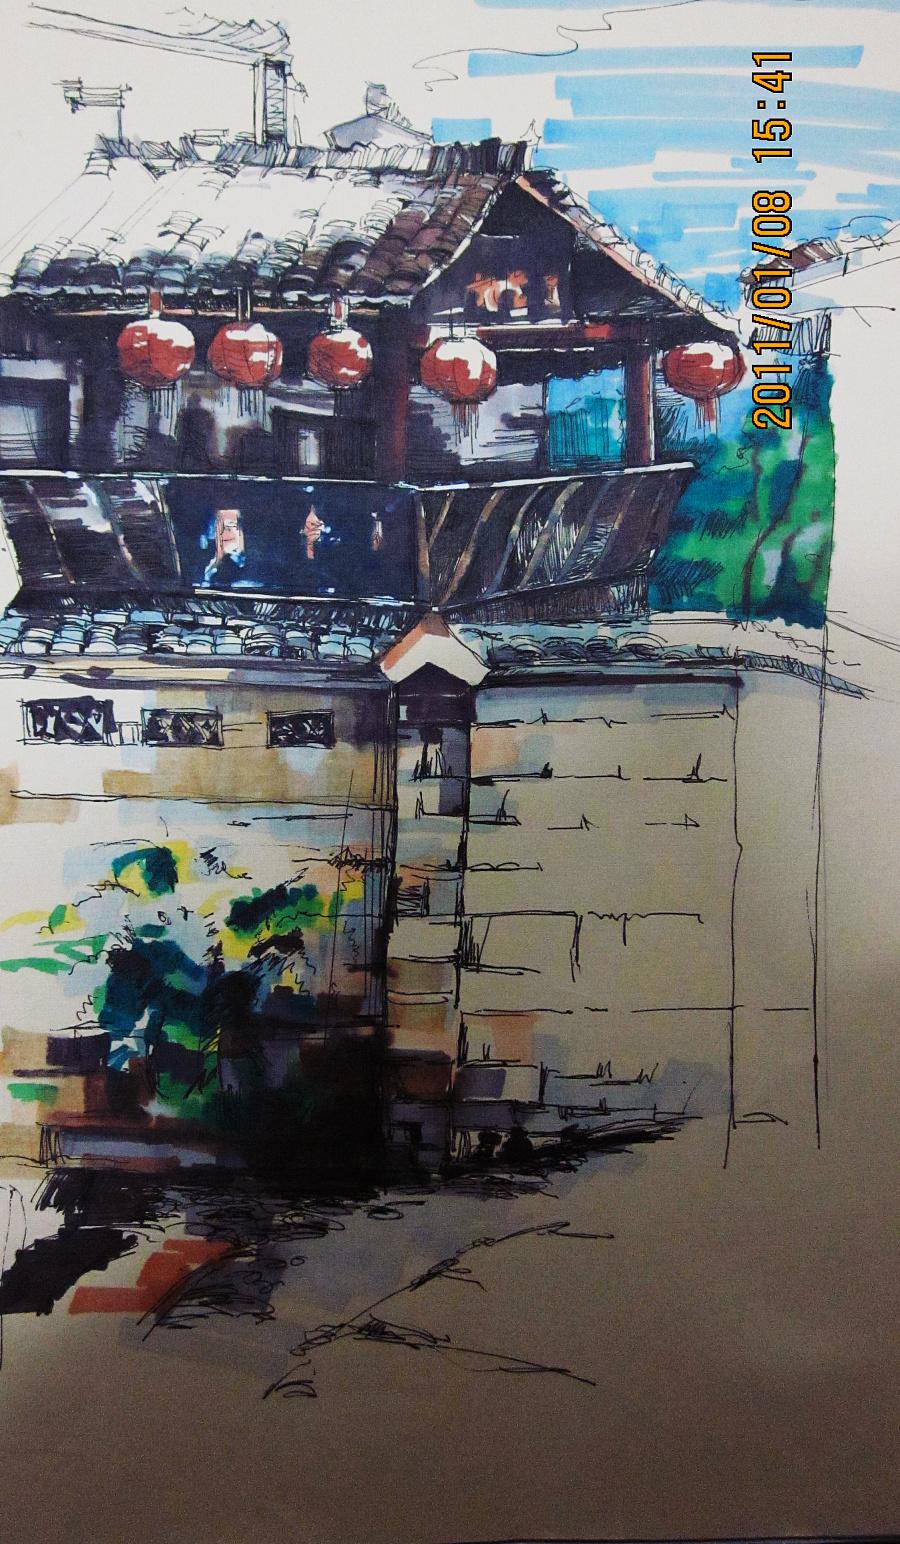 马克笔手绘效果图|其他艺创|纯艺术|许许哈哈加哈哈